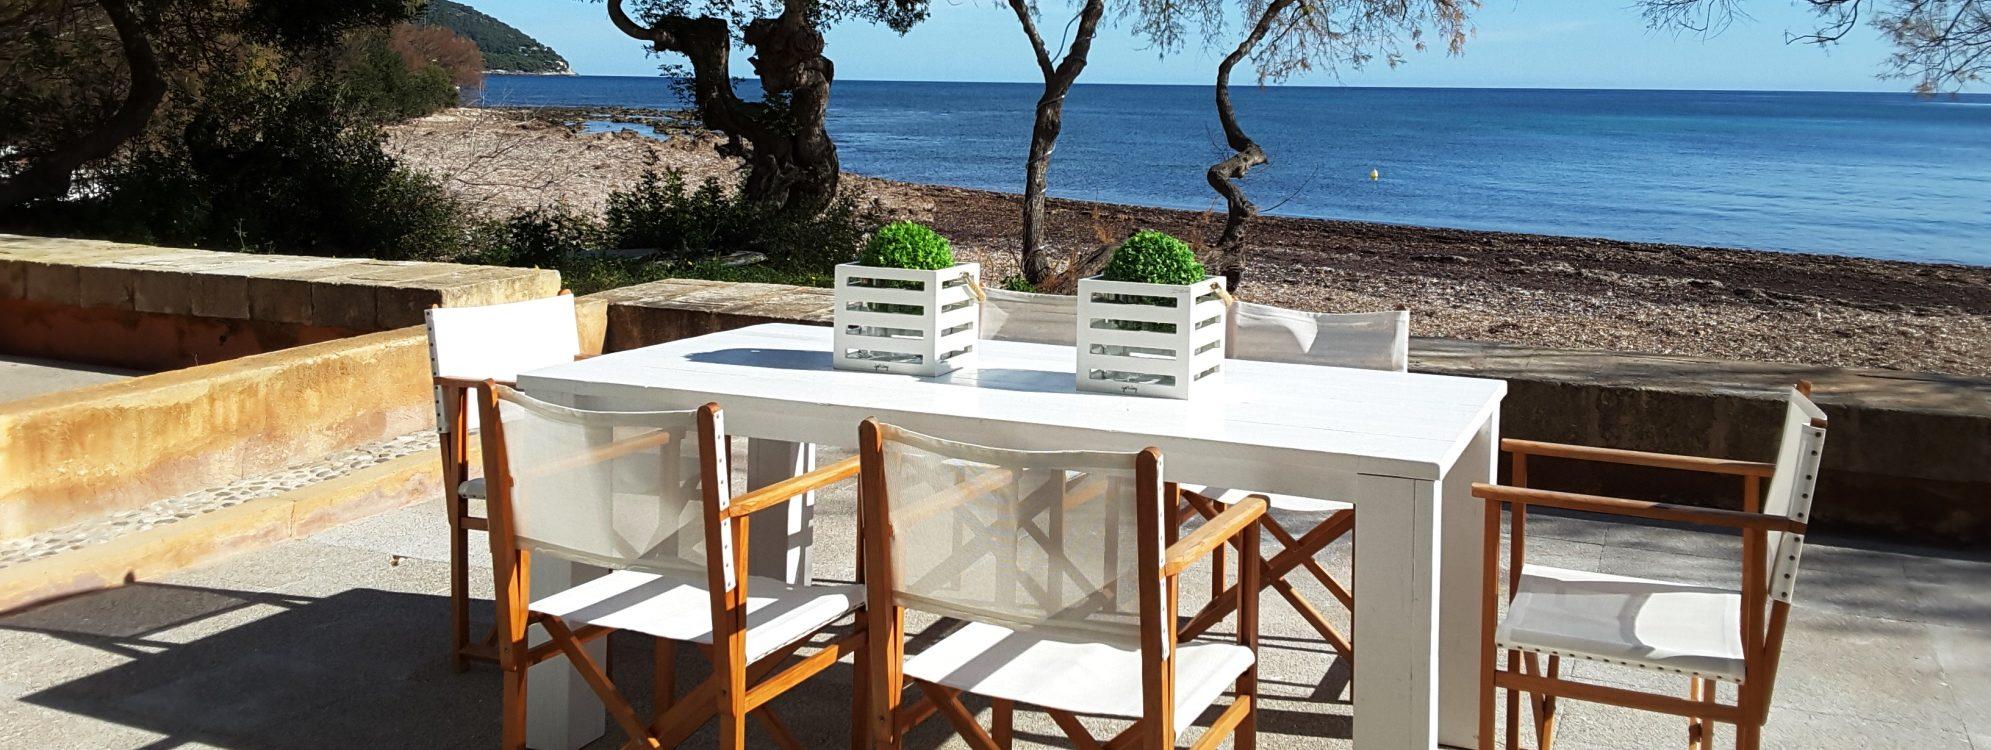 Direkt am Meer in Port Verd, renoviertes Haus für 6 Personen